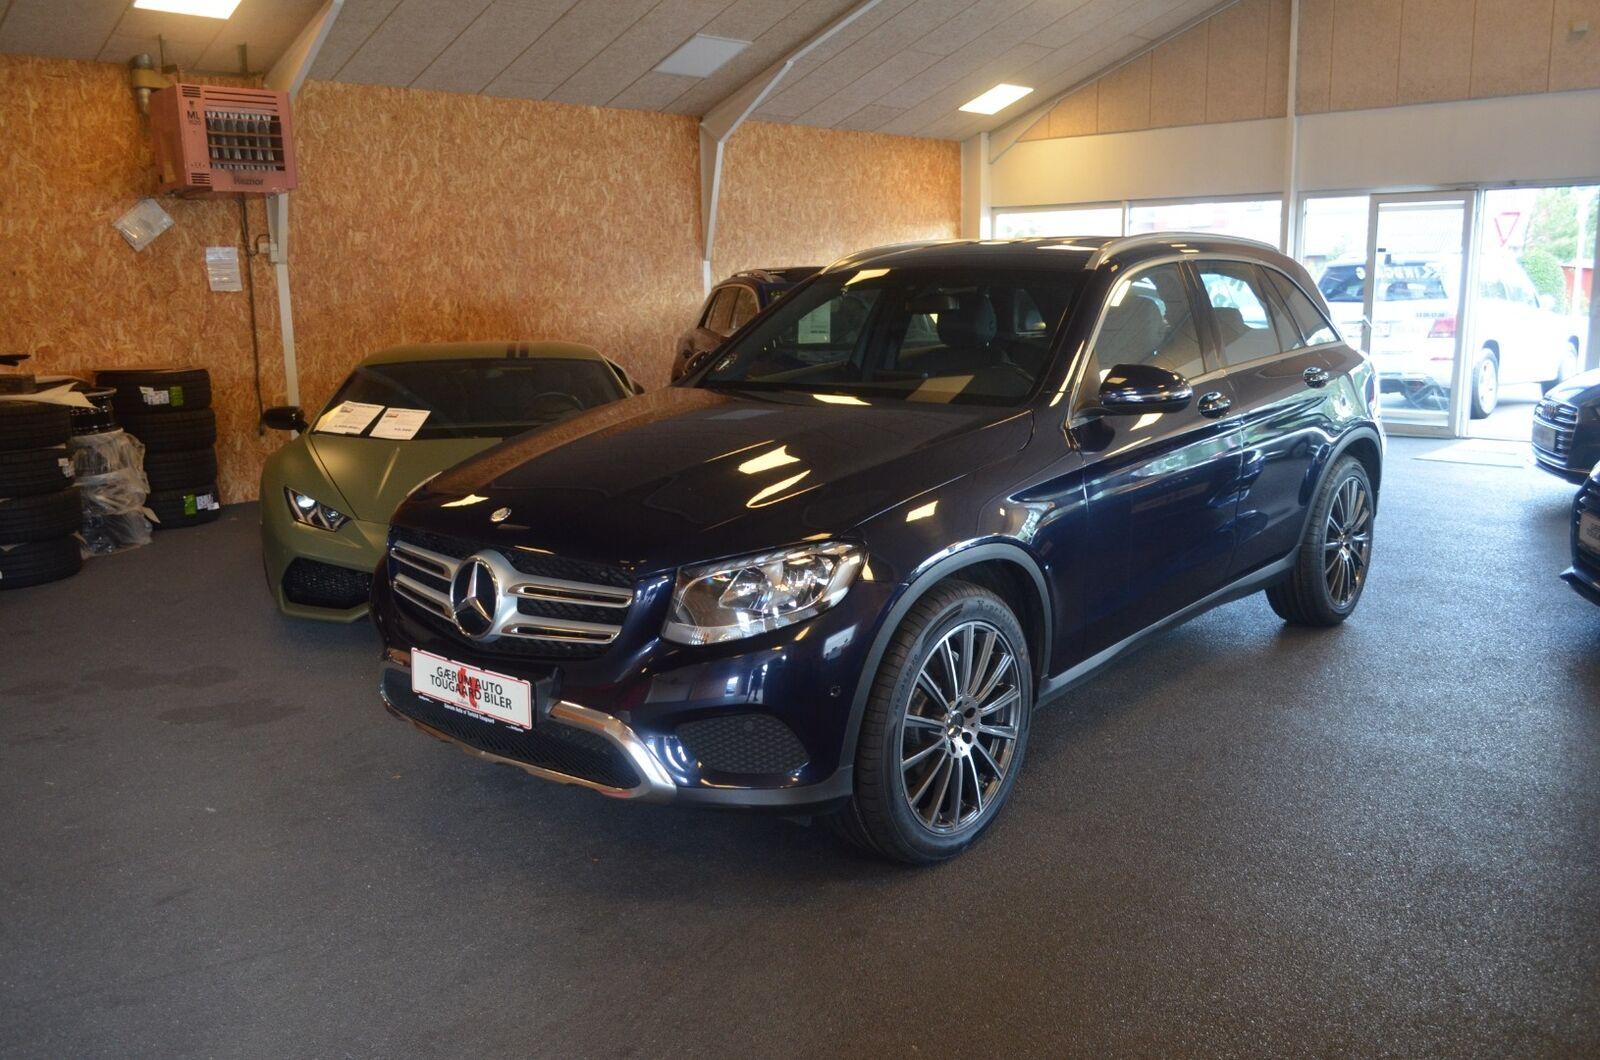 Mercedes GLC250 d 2,2 AMG Line aut. 4Matic 5d - 449.800 kr.